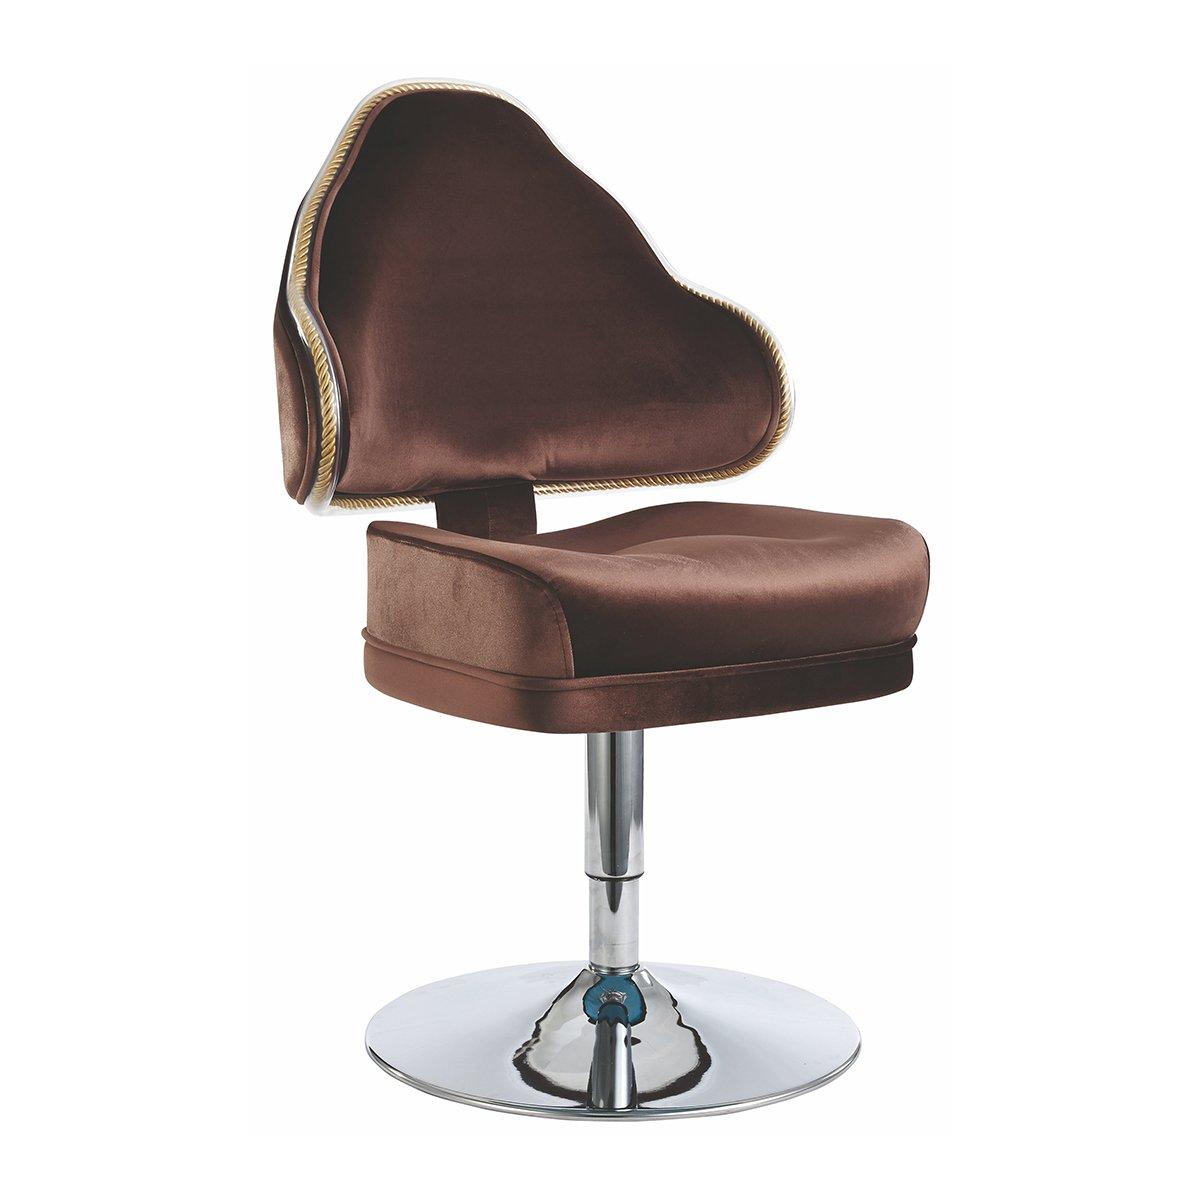 Geraldton Upholstered Stool - Commercial Furniture